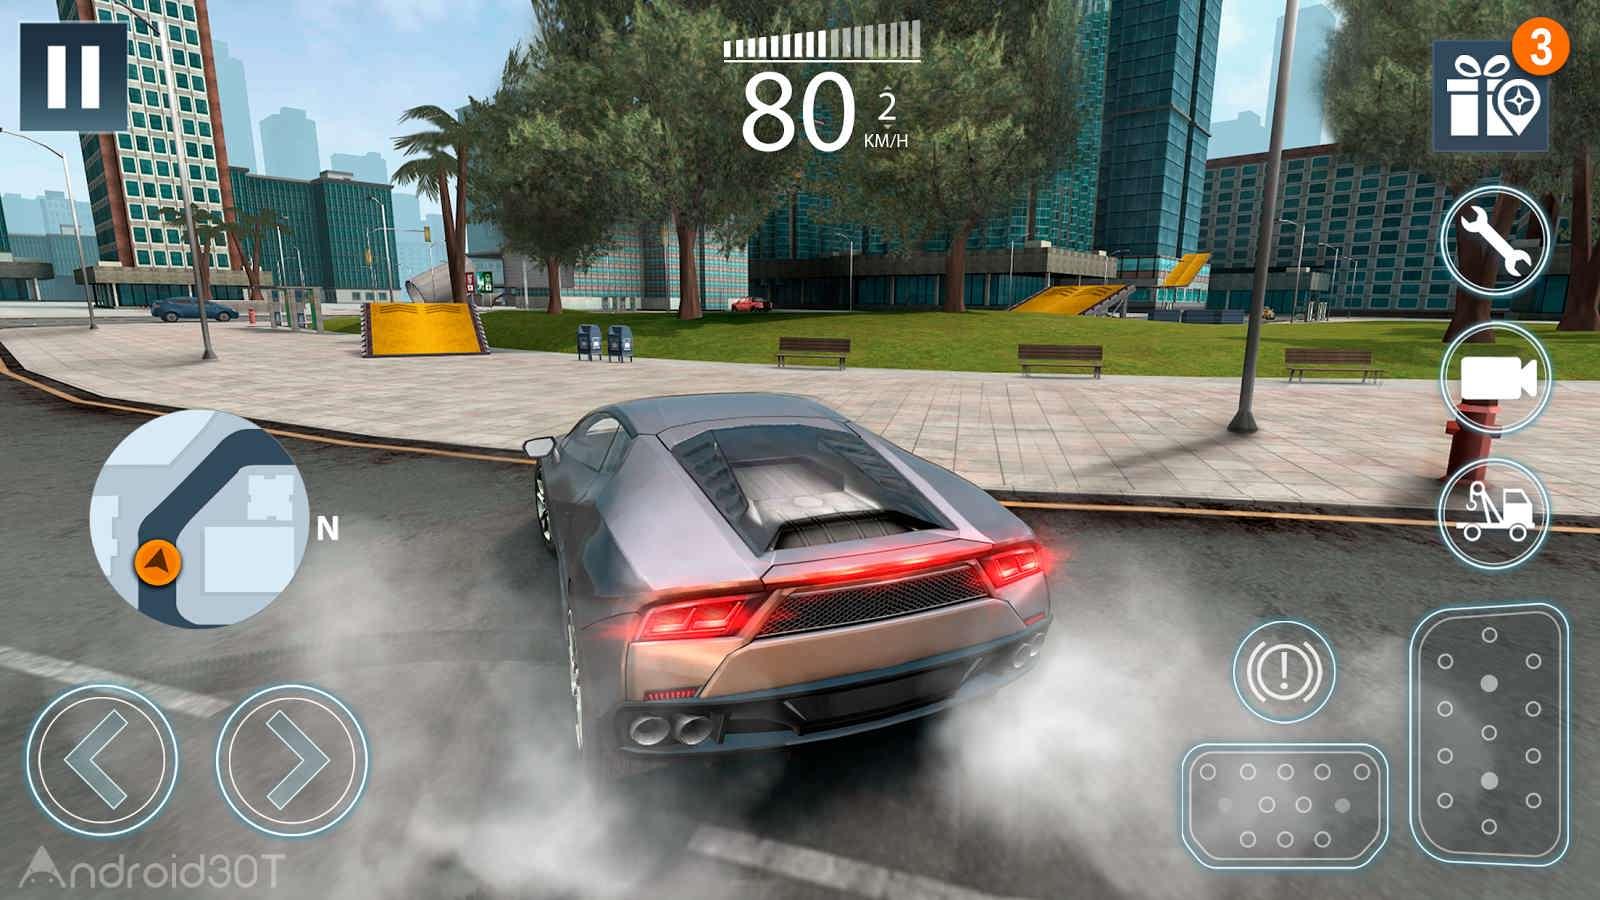 دانلود Extreme Car Driving Simulator 2 v1.4.0 – بازی ماشین سواری آفرود اندروید